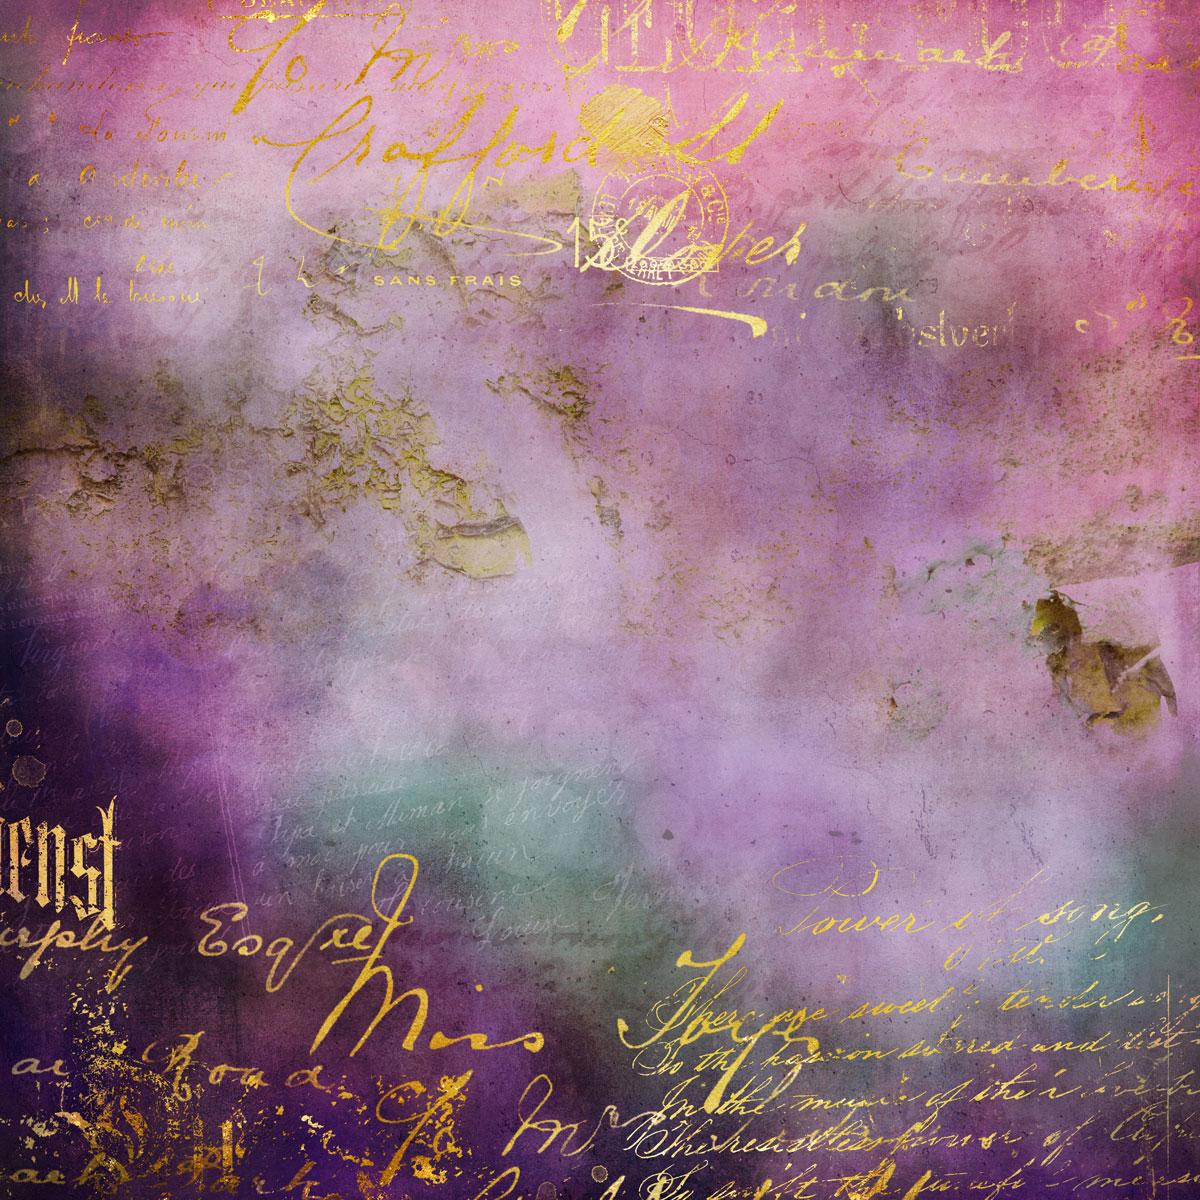 12张高清水彩金色质感艺术海报设计纸张背景纹理图片素材 Watercolor Texture Papers插图(4)